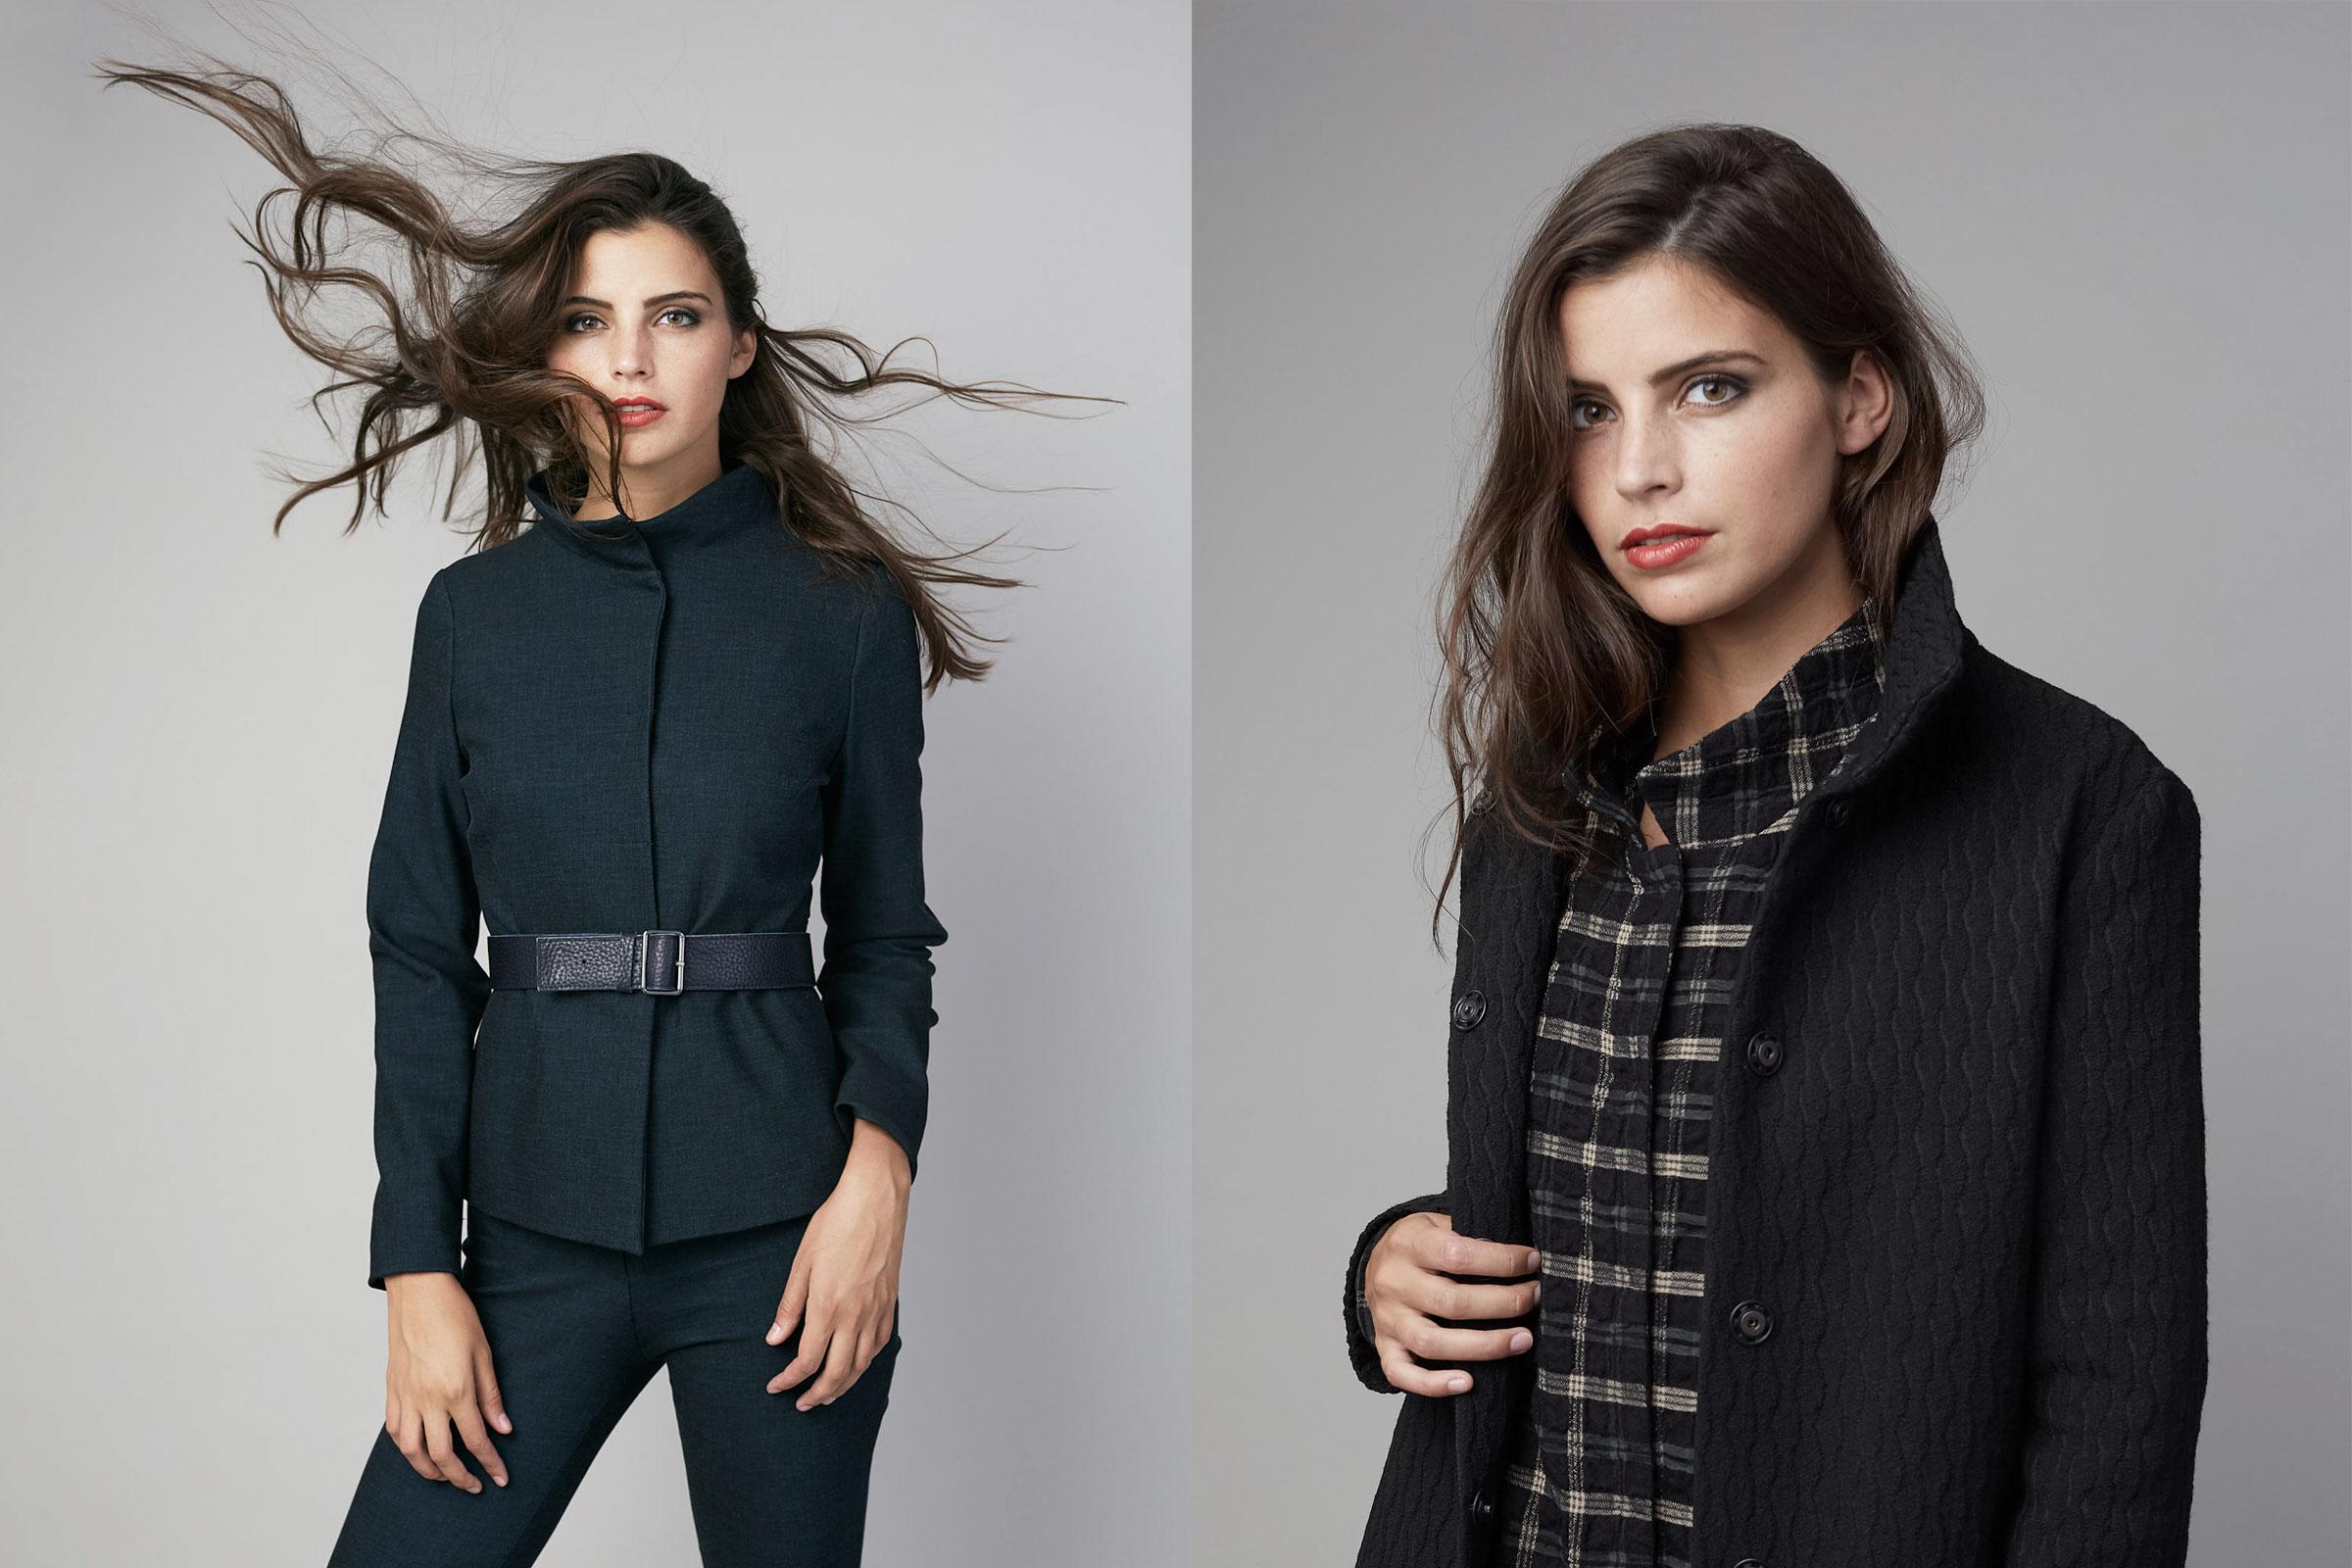 Fashion-Portrait-Young-Woman